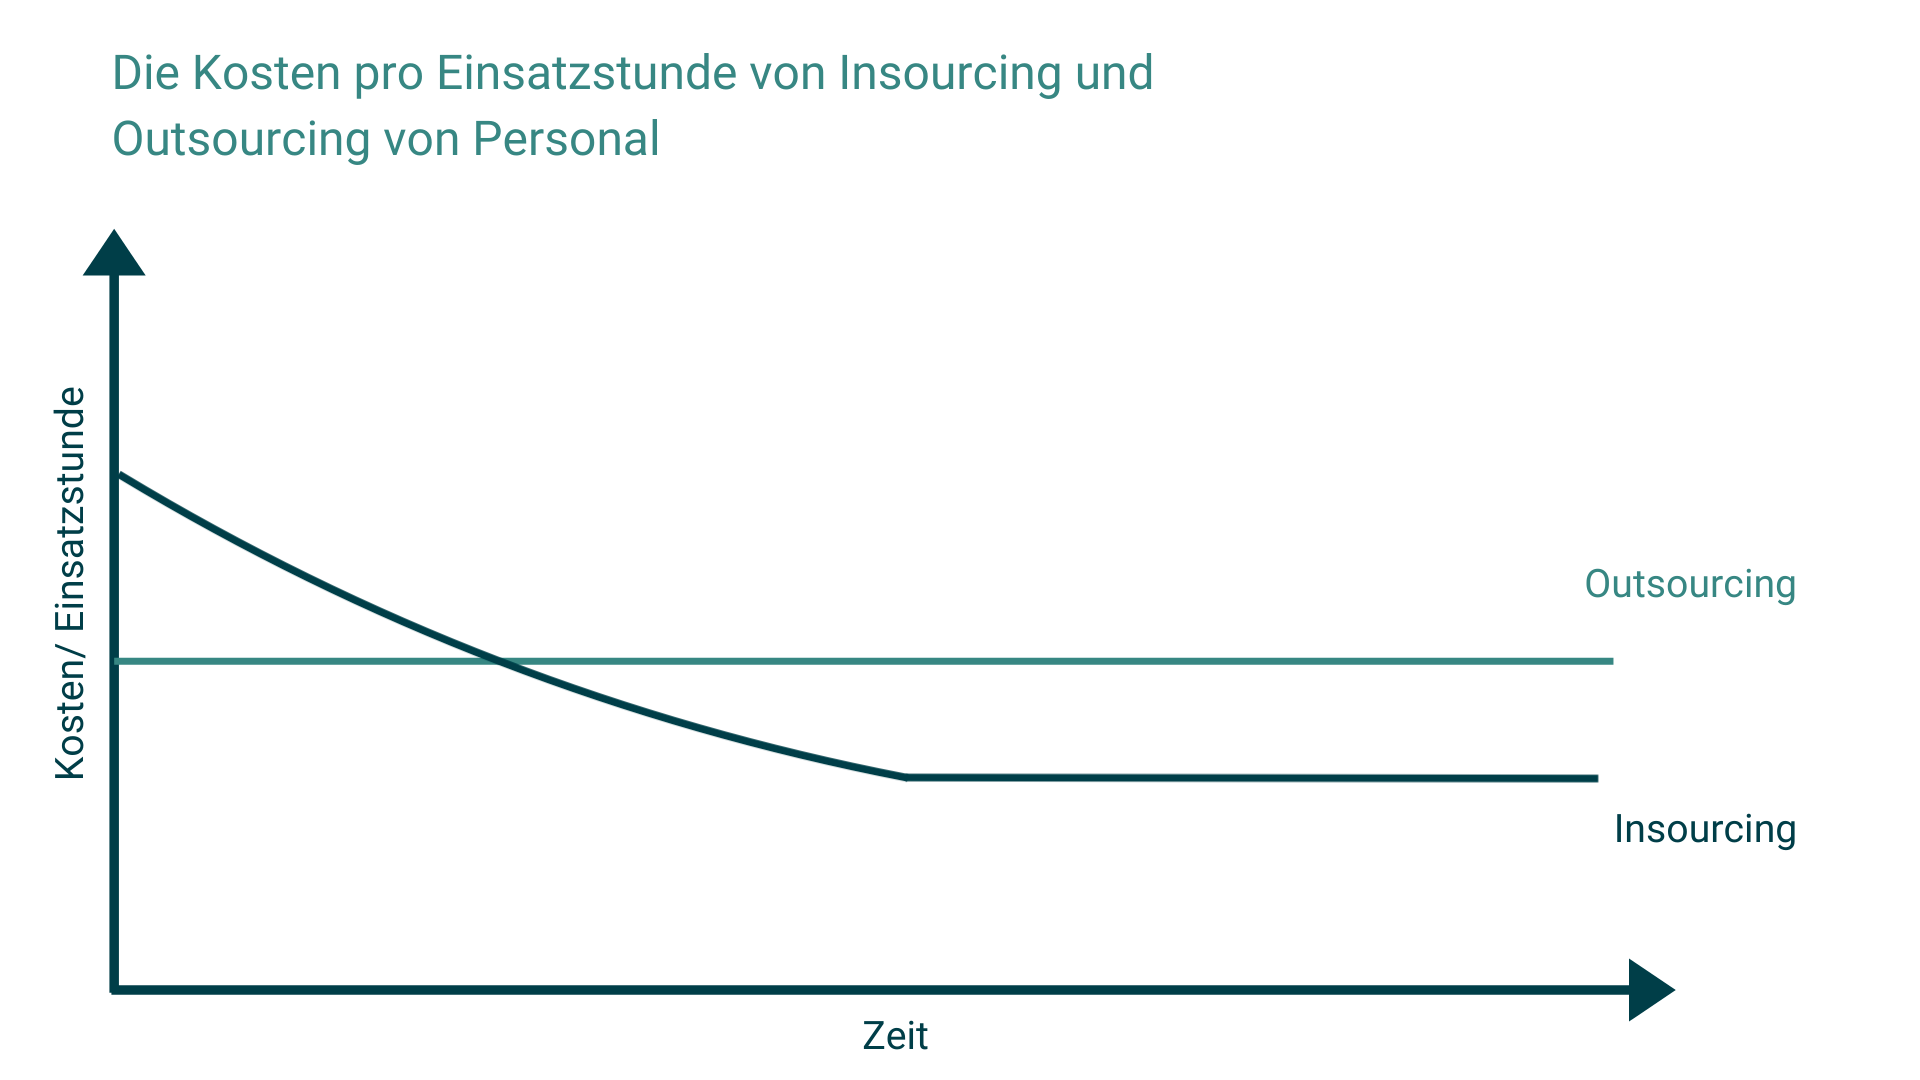 Kosten pro Einsatzstunde Insourcing vs. Outsourcing